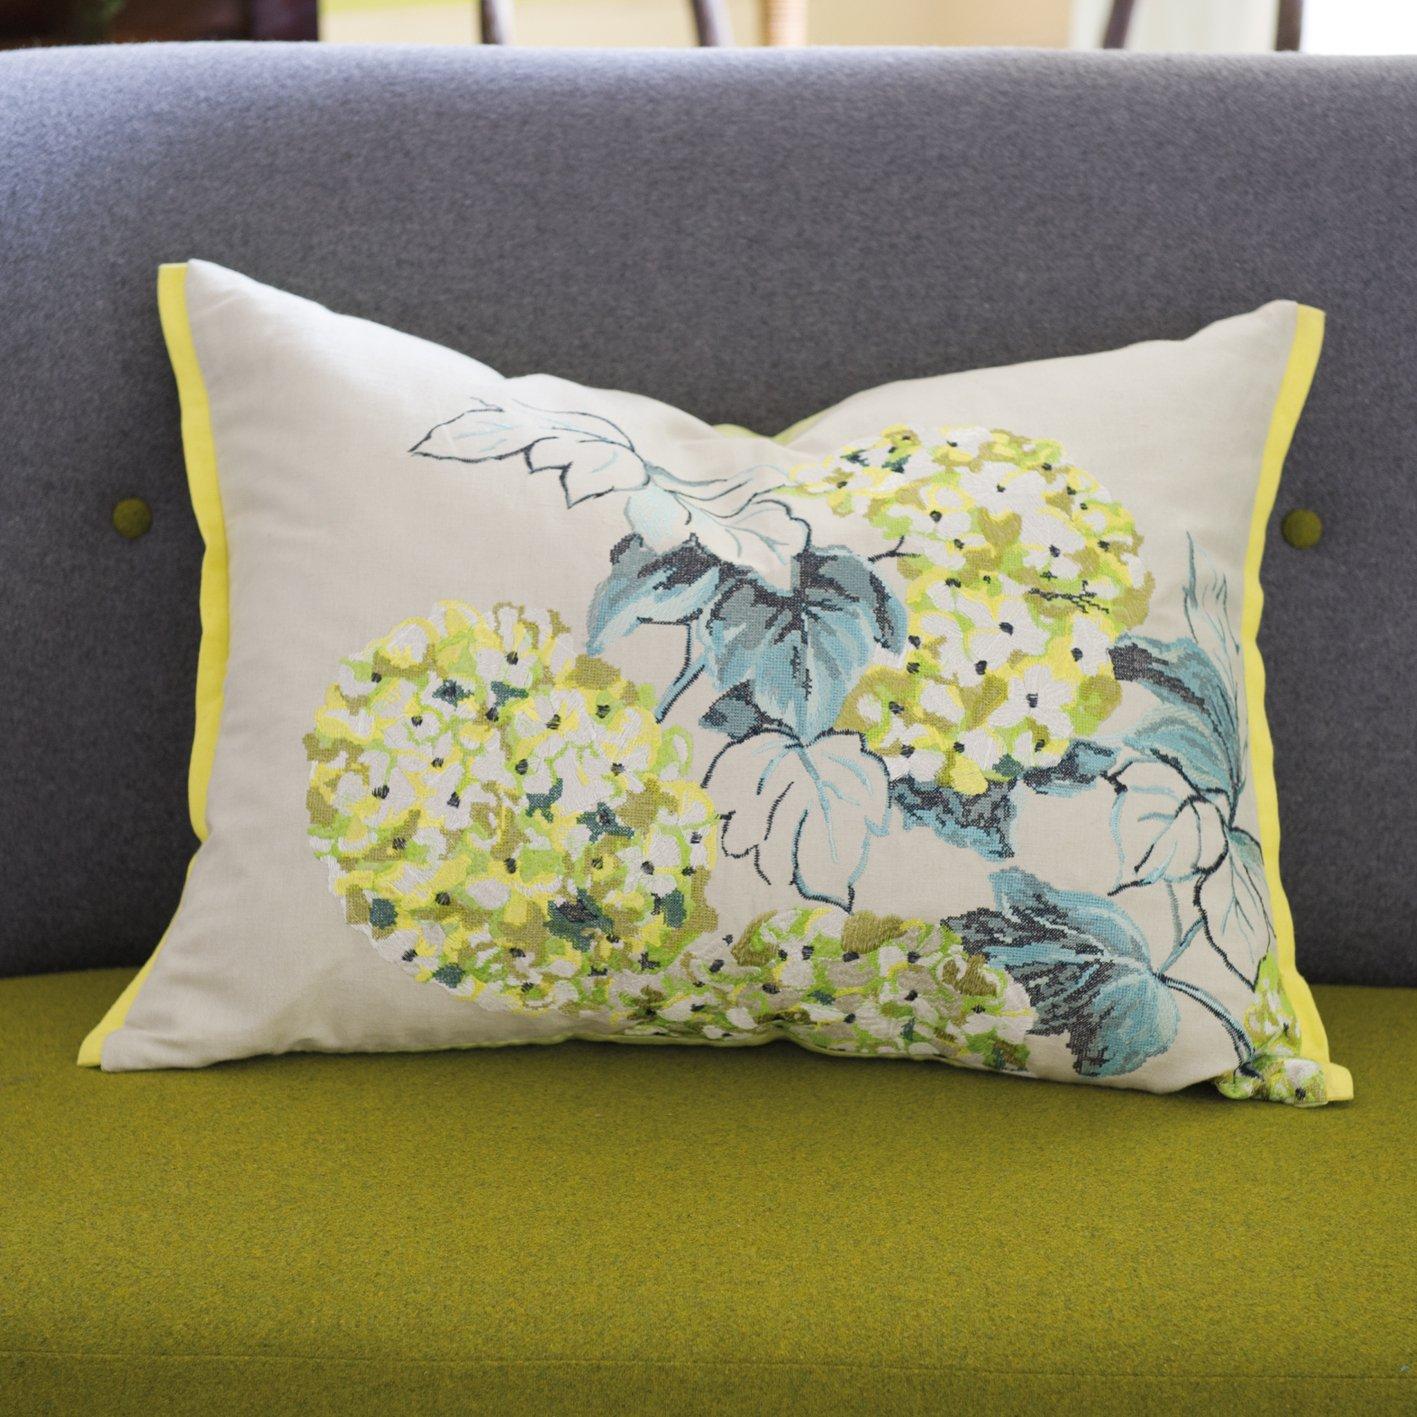 Cuscini per cambiare look alla casa cose di casa - Imbottitura cuscini divano ikea ...